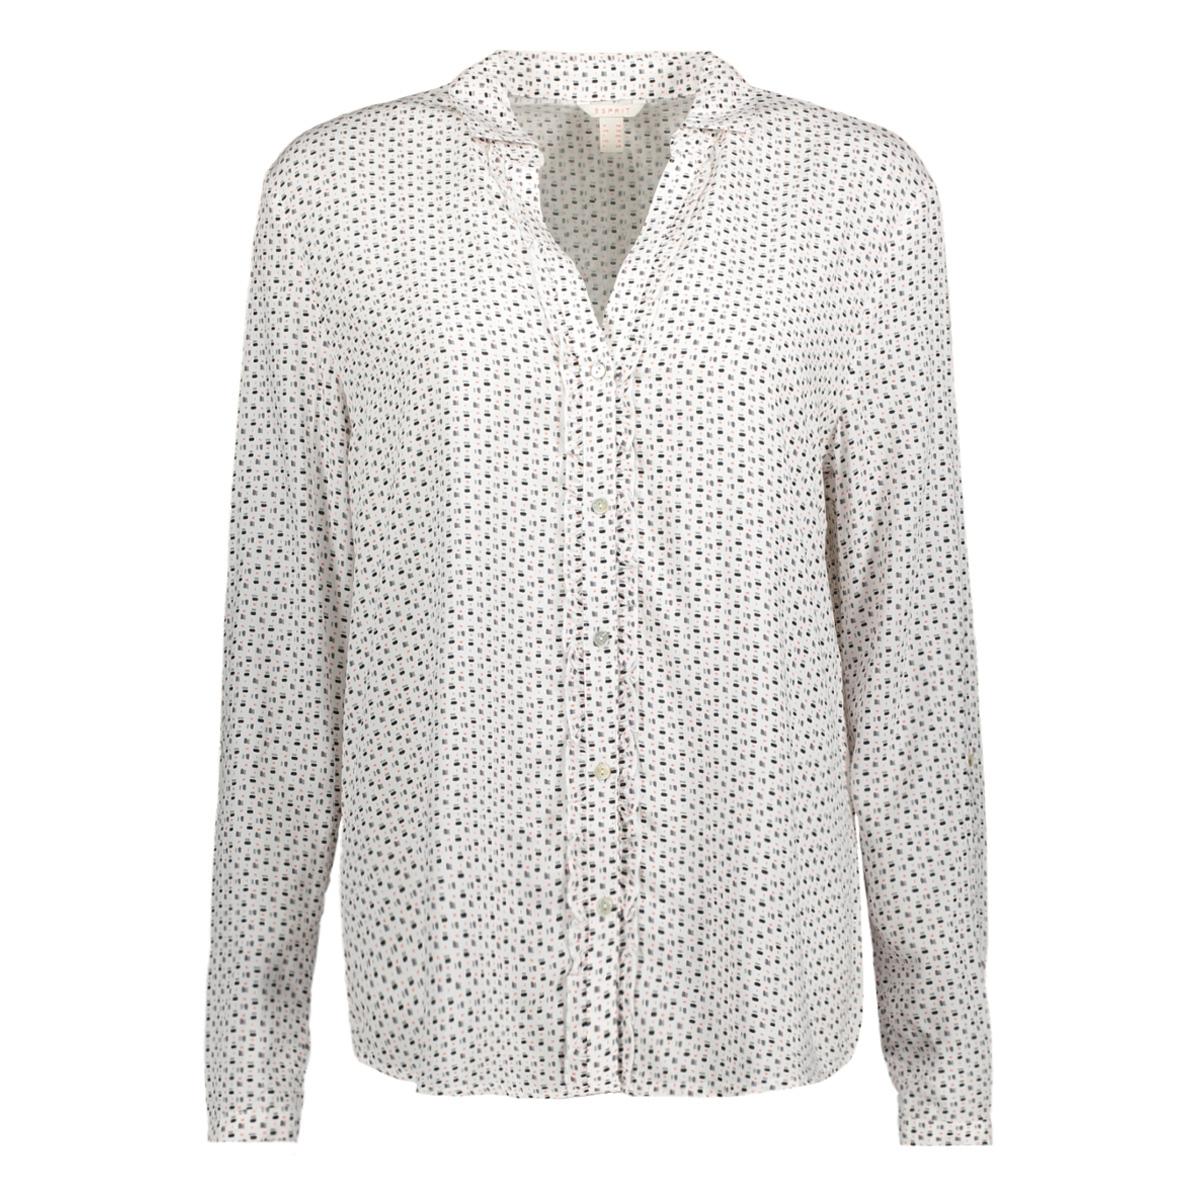 127ee1f003 esprit blouse e111